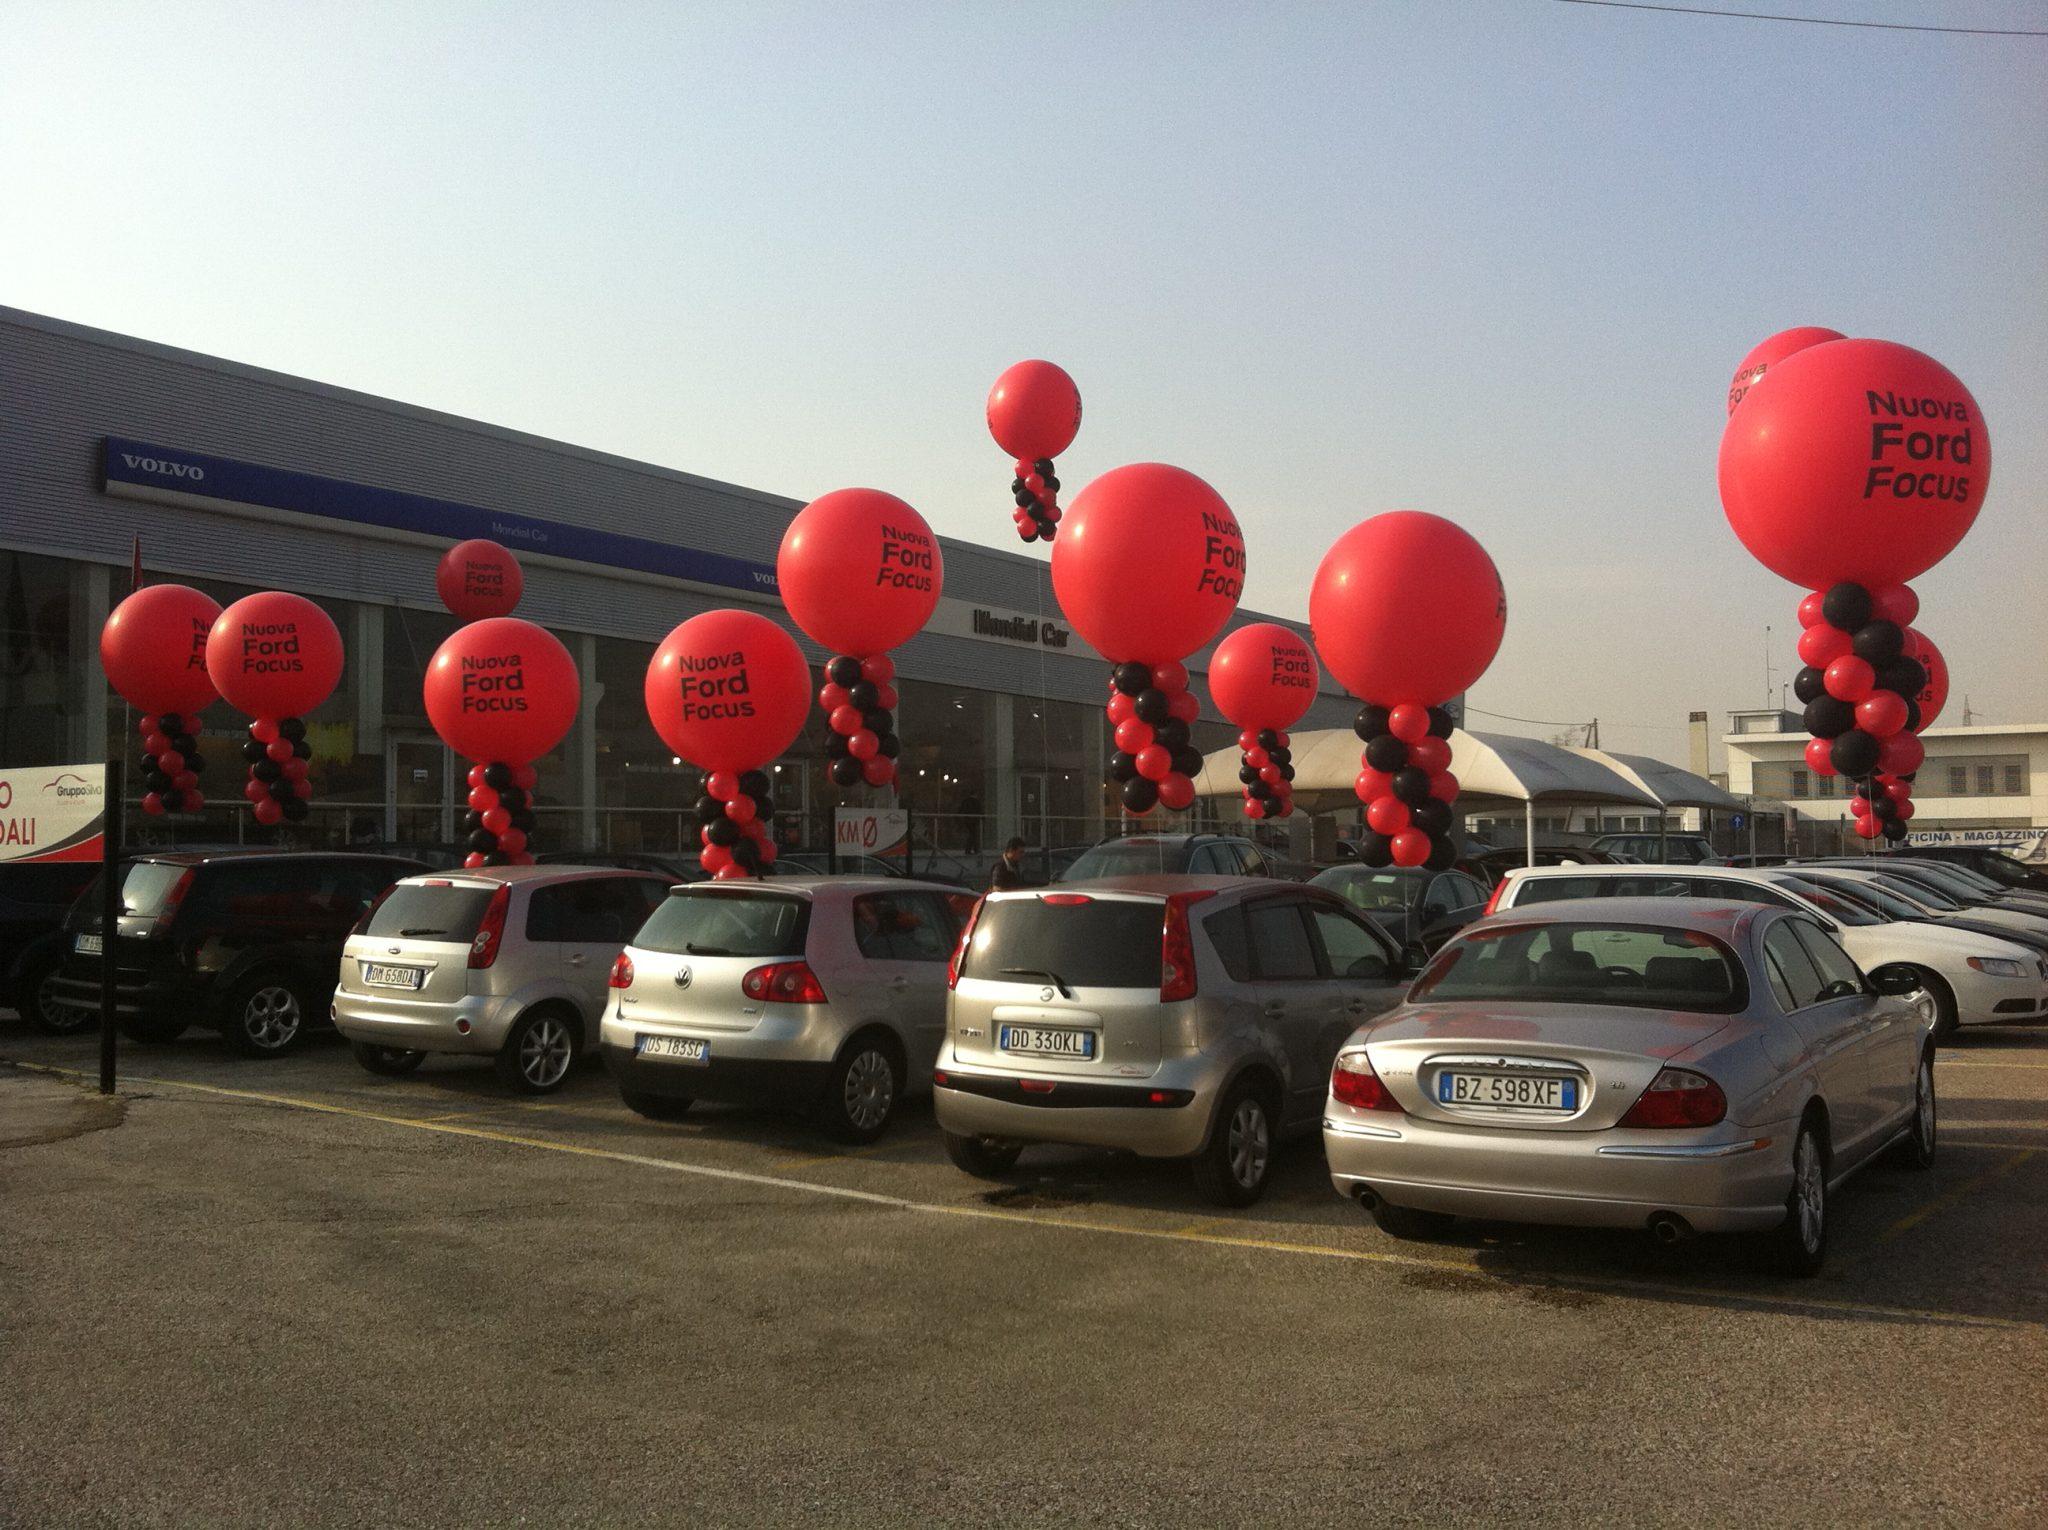 Palloncini personalizzati e mongolfiere ad elio al lancio promozionale Ford Focus Padova e Mestre